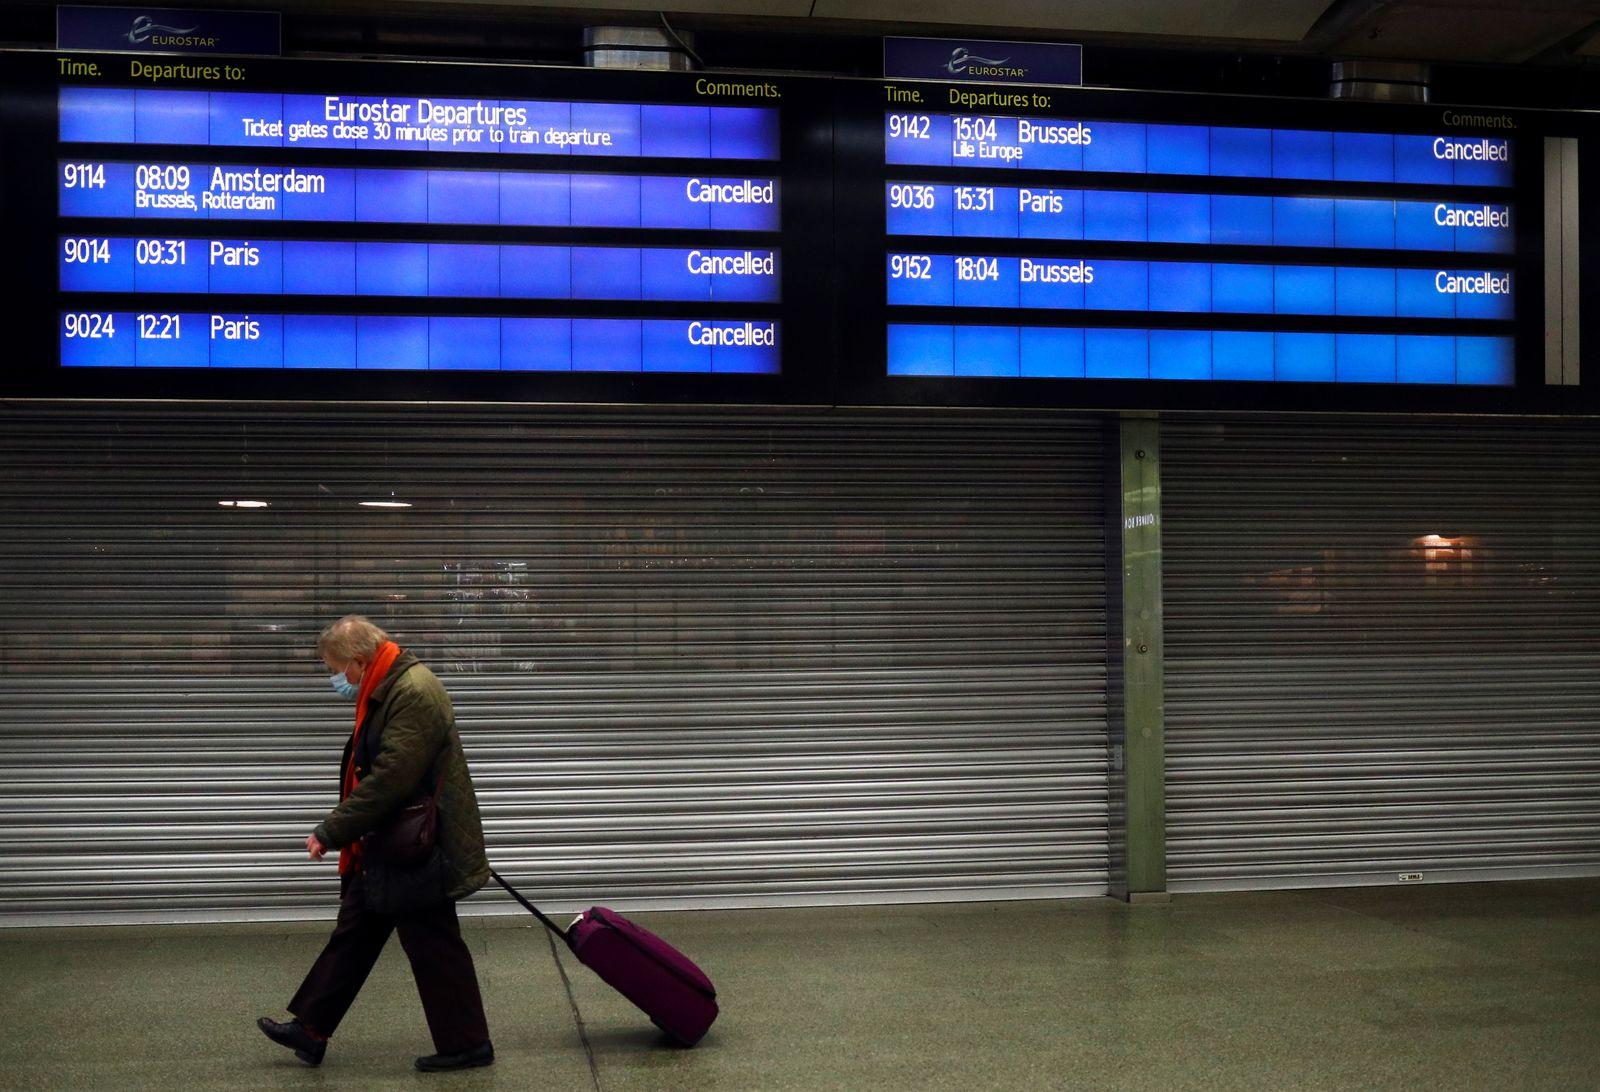 Eurostar terminal at St Pancras International in London